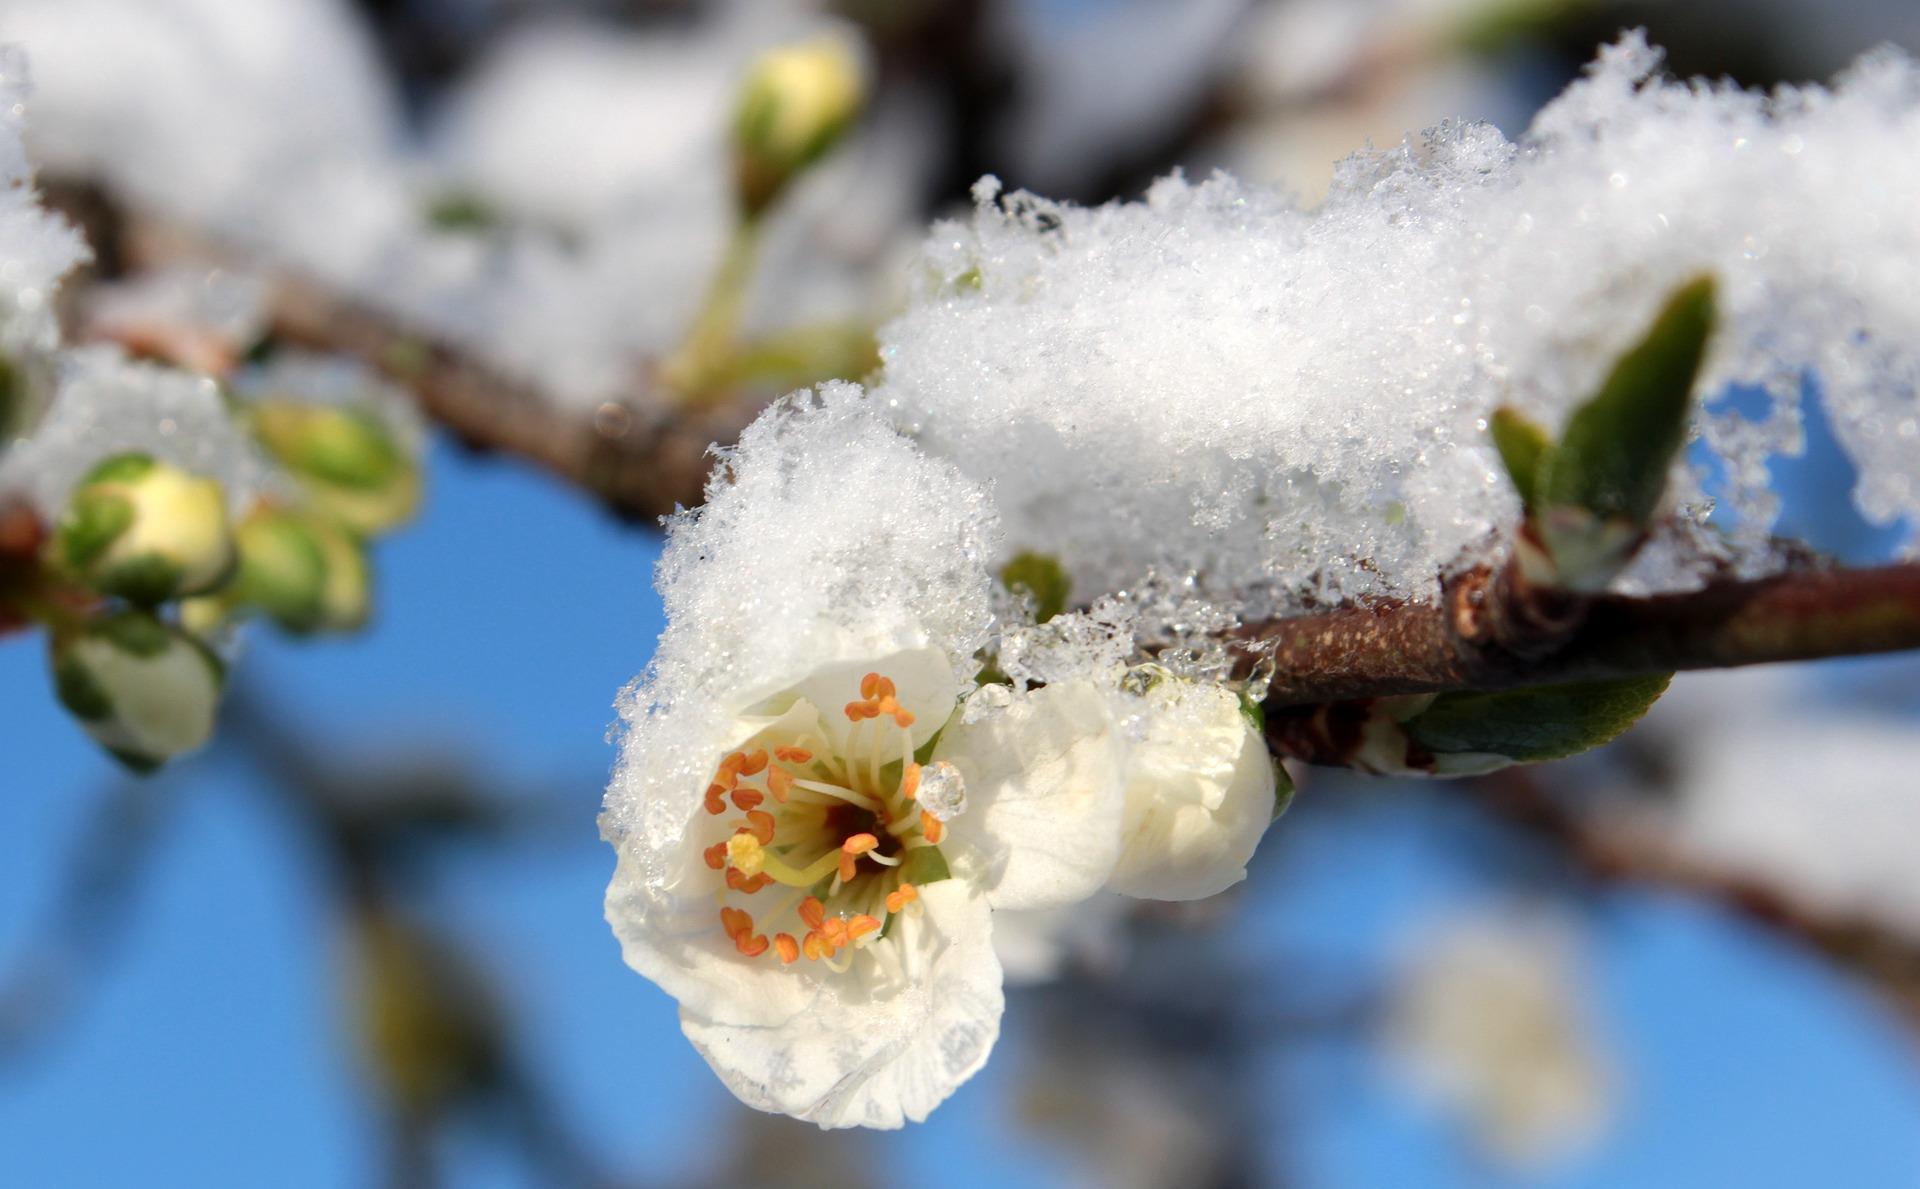 Flor de Ciruelo en la nieve - La Flor de Ciruelo como símbolo